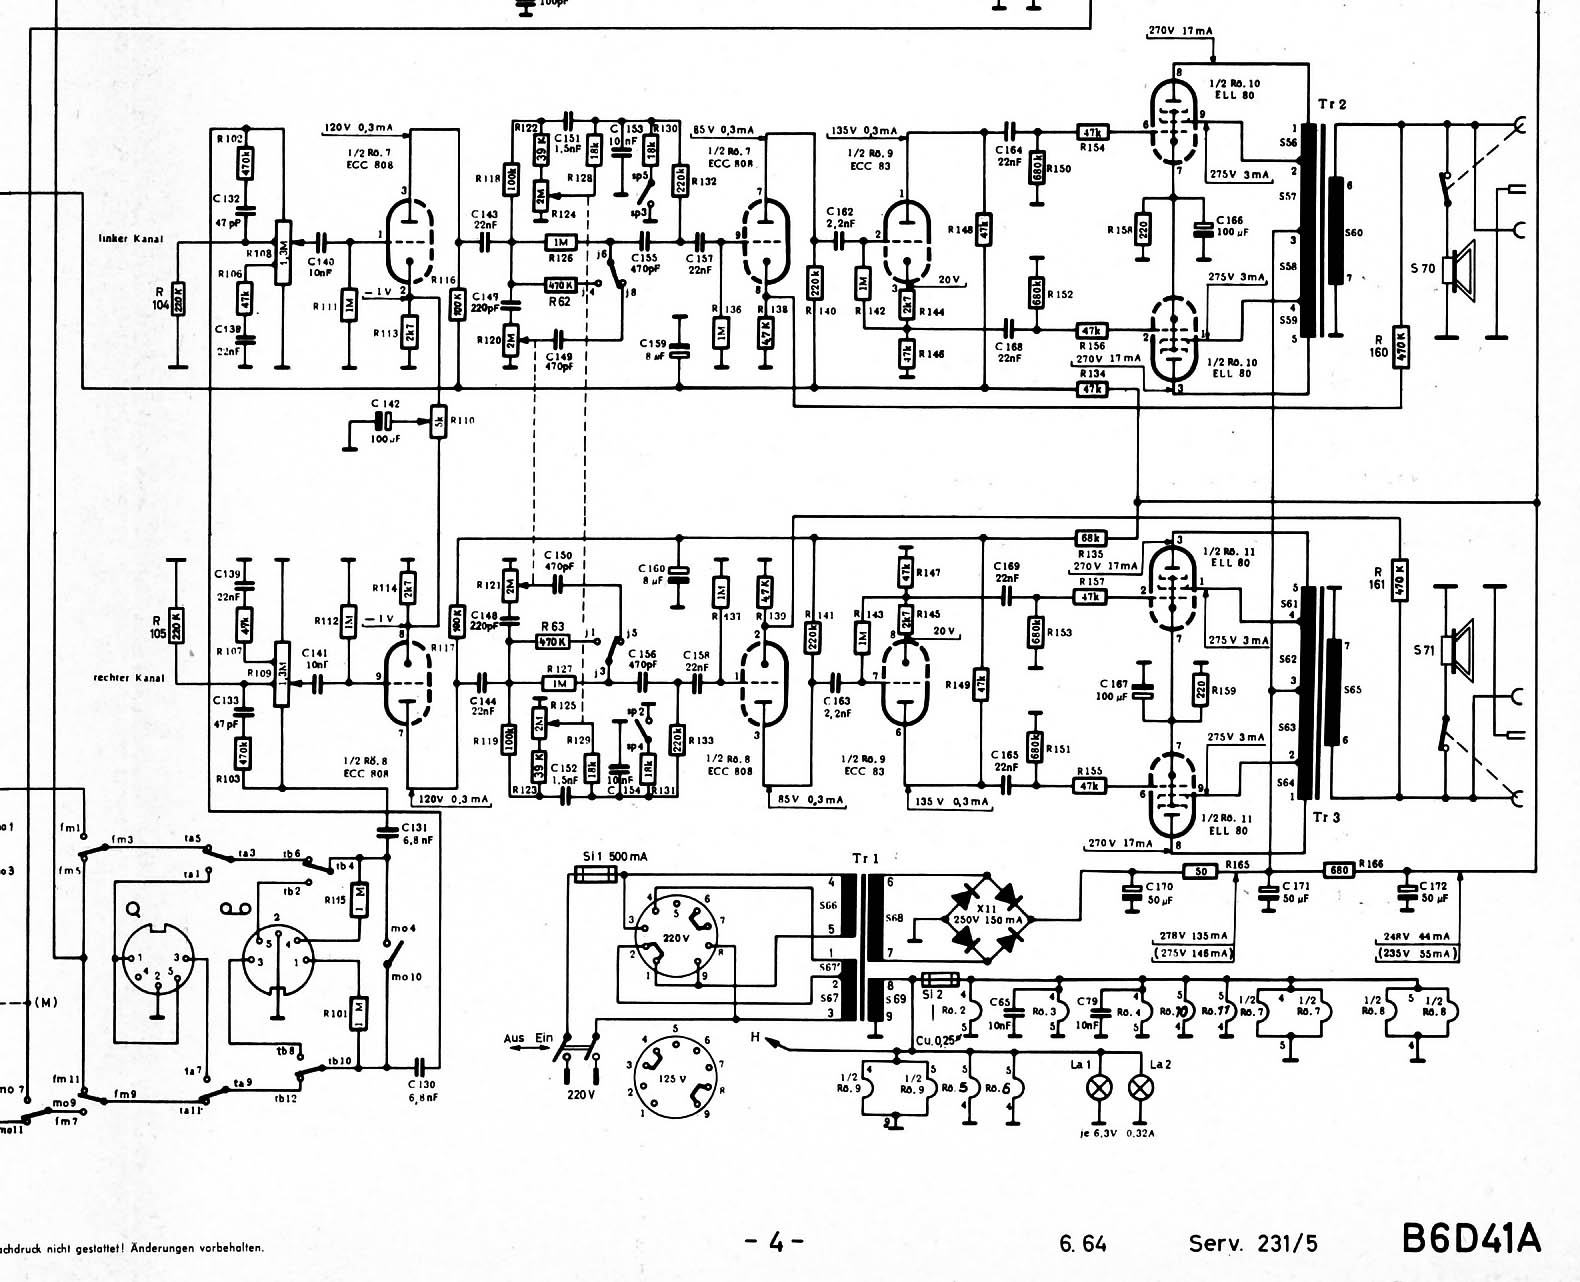 Beste Schaltplan Saturn Airbag 06 Polaris Sportsman 90 Wiring Schematic